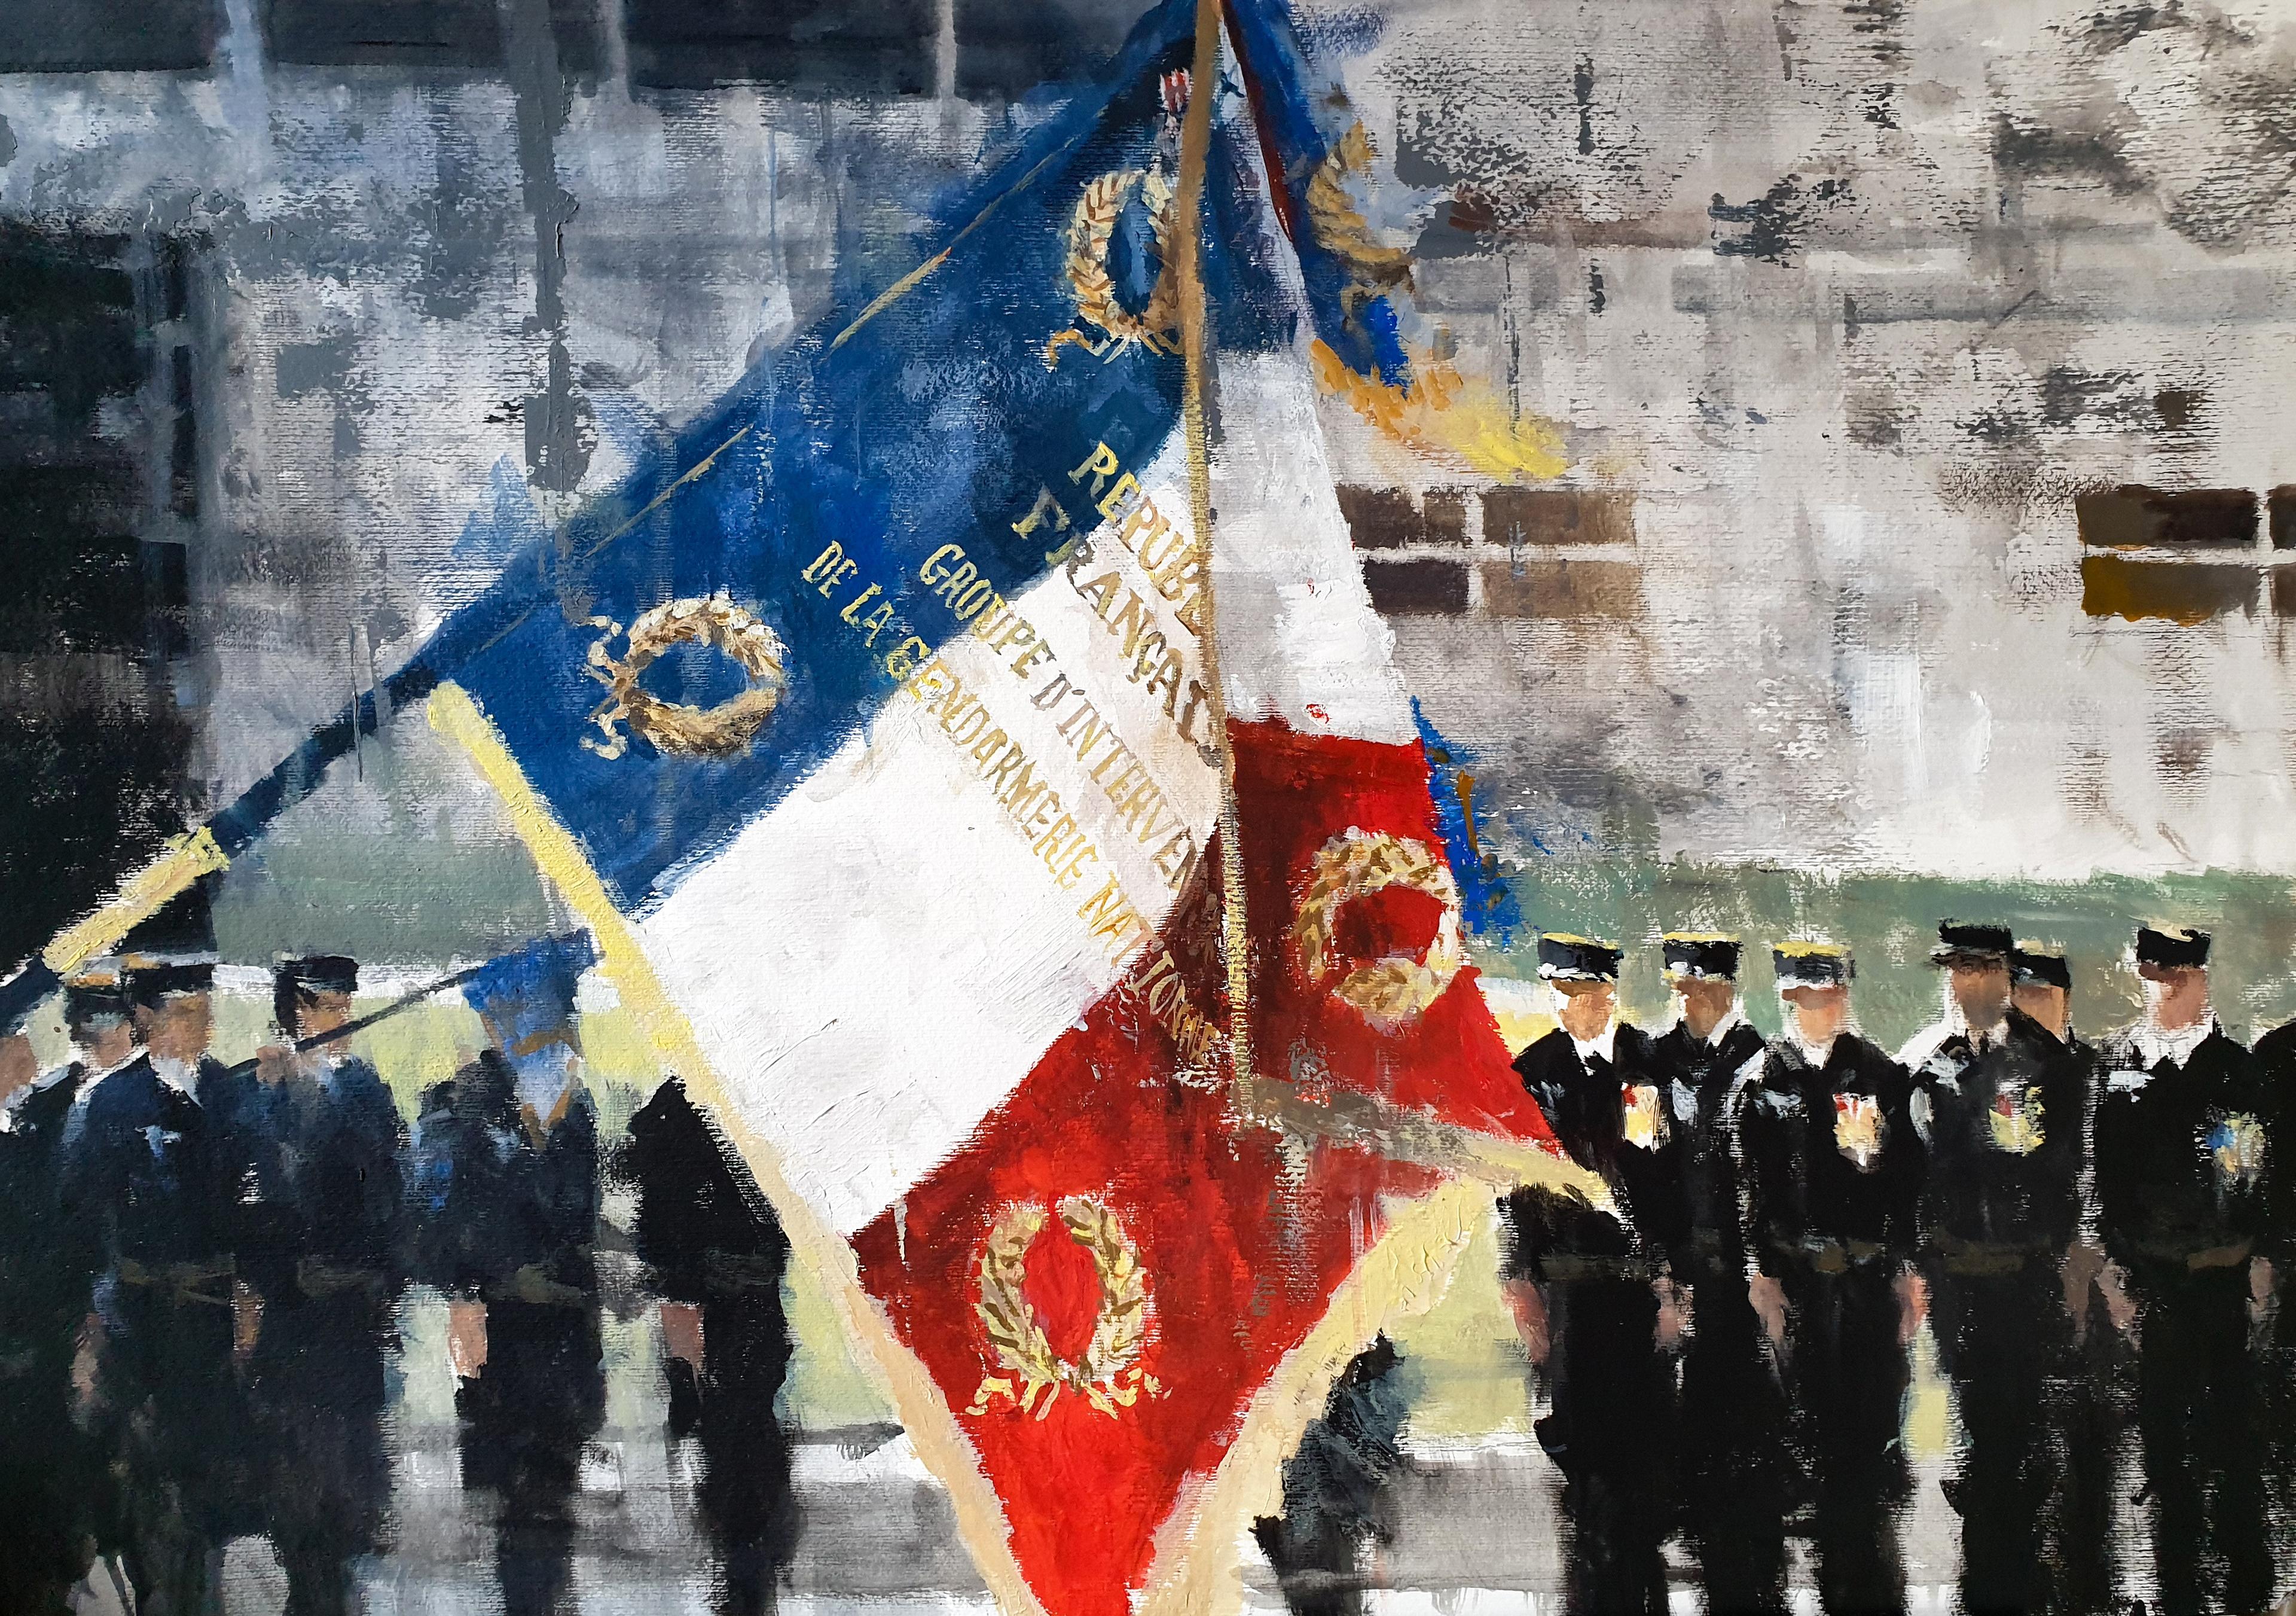 Présentation au drapeau